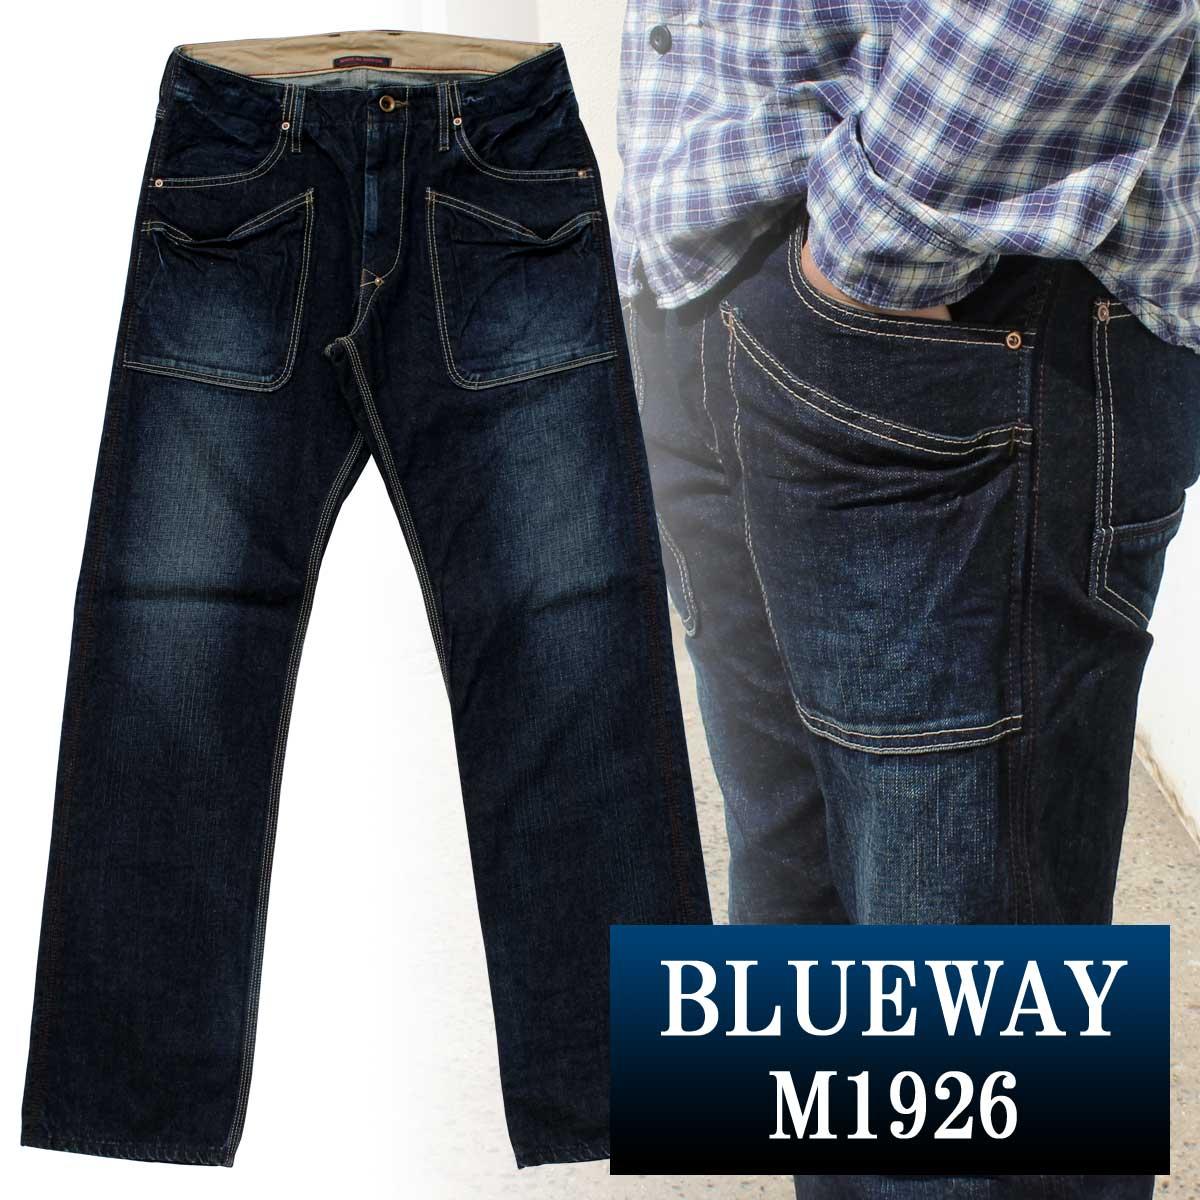 BLUEWAY:13.5ozビンテージデニム・6Pワークパンツ(オールドブルー):M1926-4450 ブルーウェイ ジーンズ メンズ デニム 裾上げ ストレート